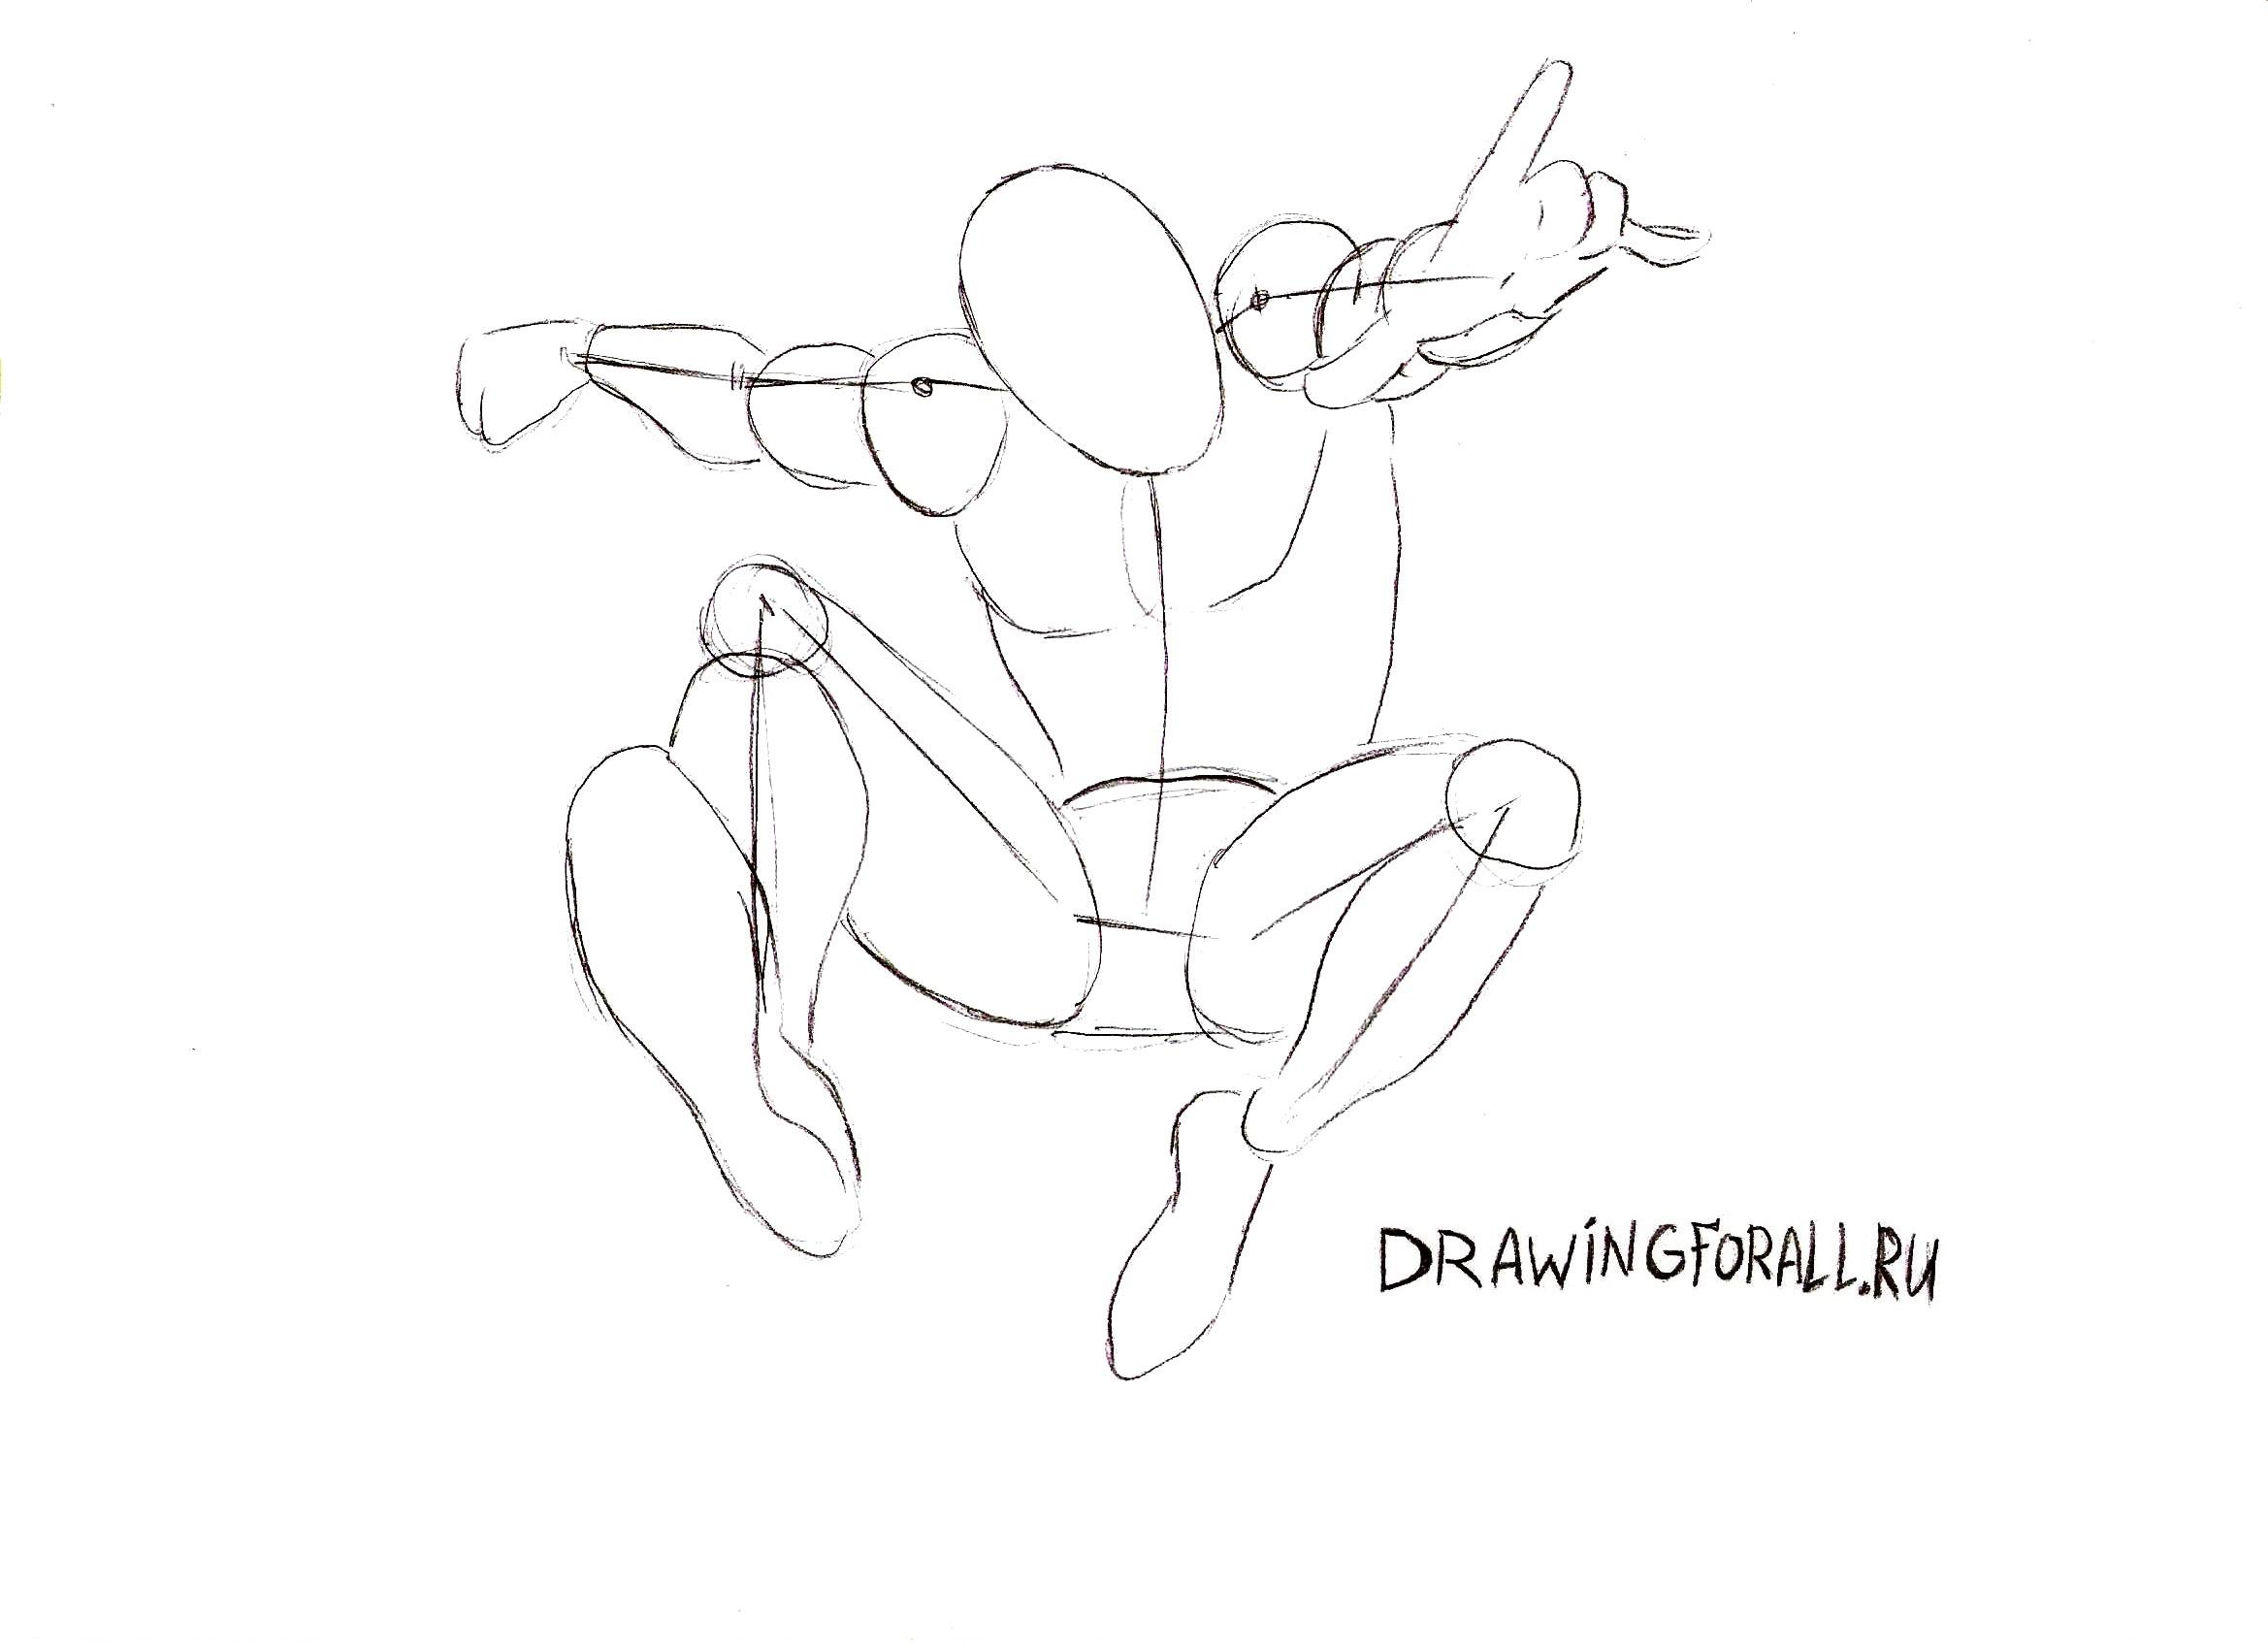 картинки как нарисовать человека паука поэтапно снимке